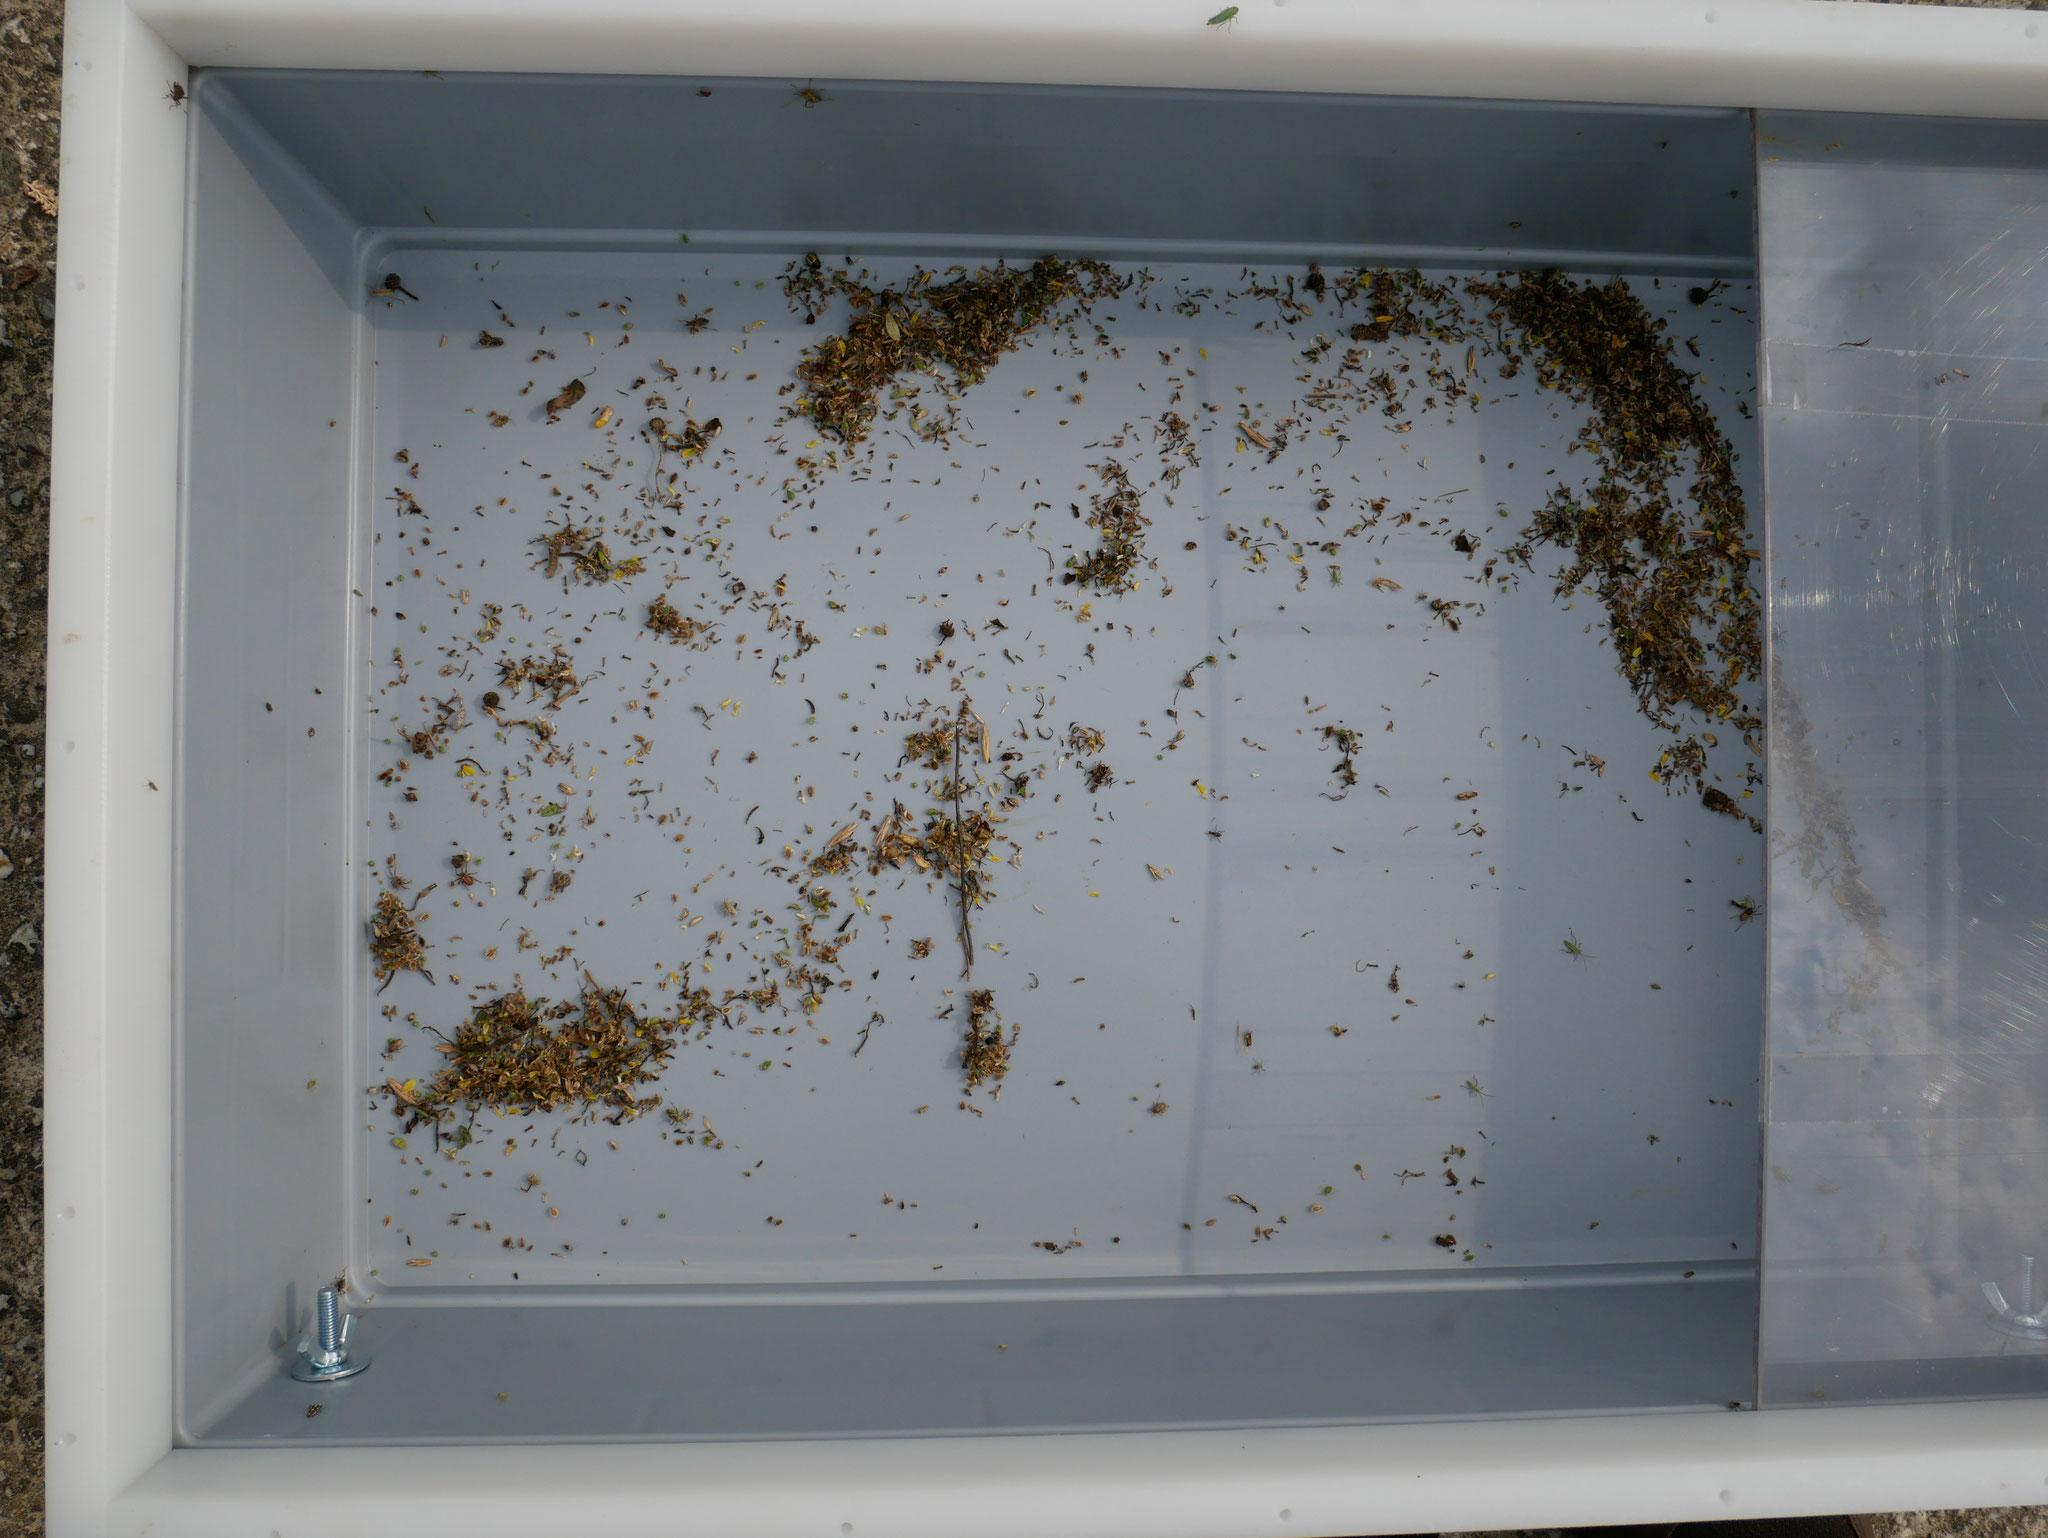 viele Sämereien und wo sind die Insekten?